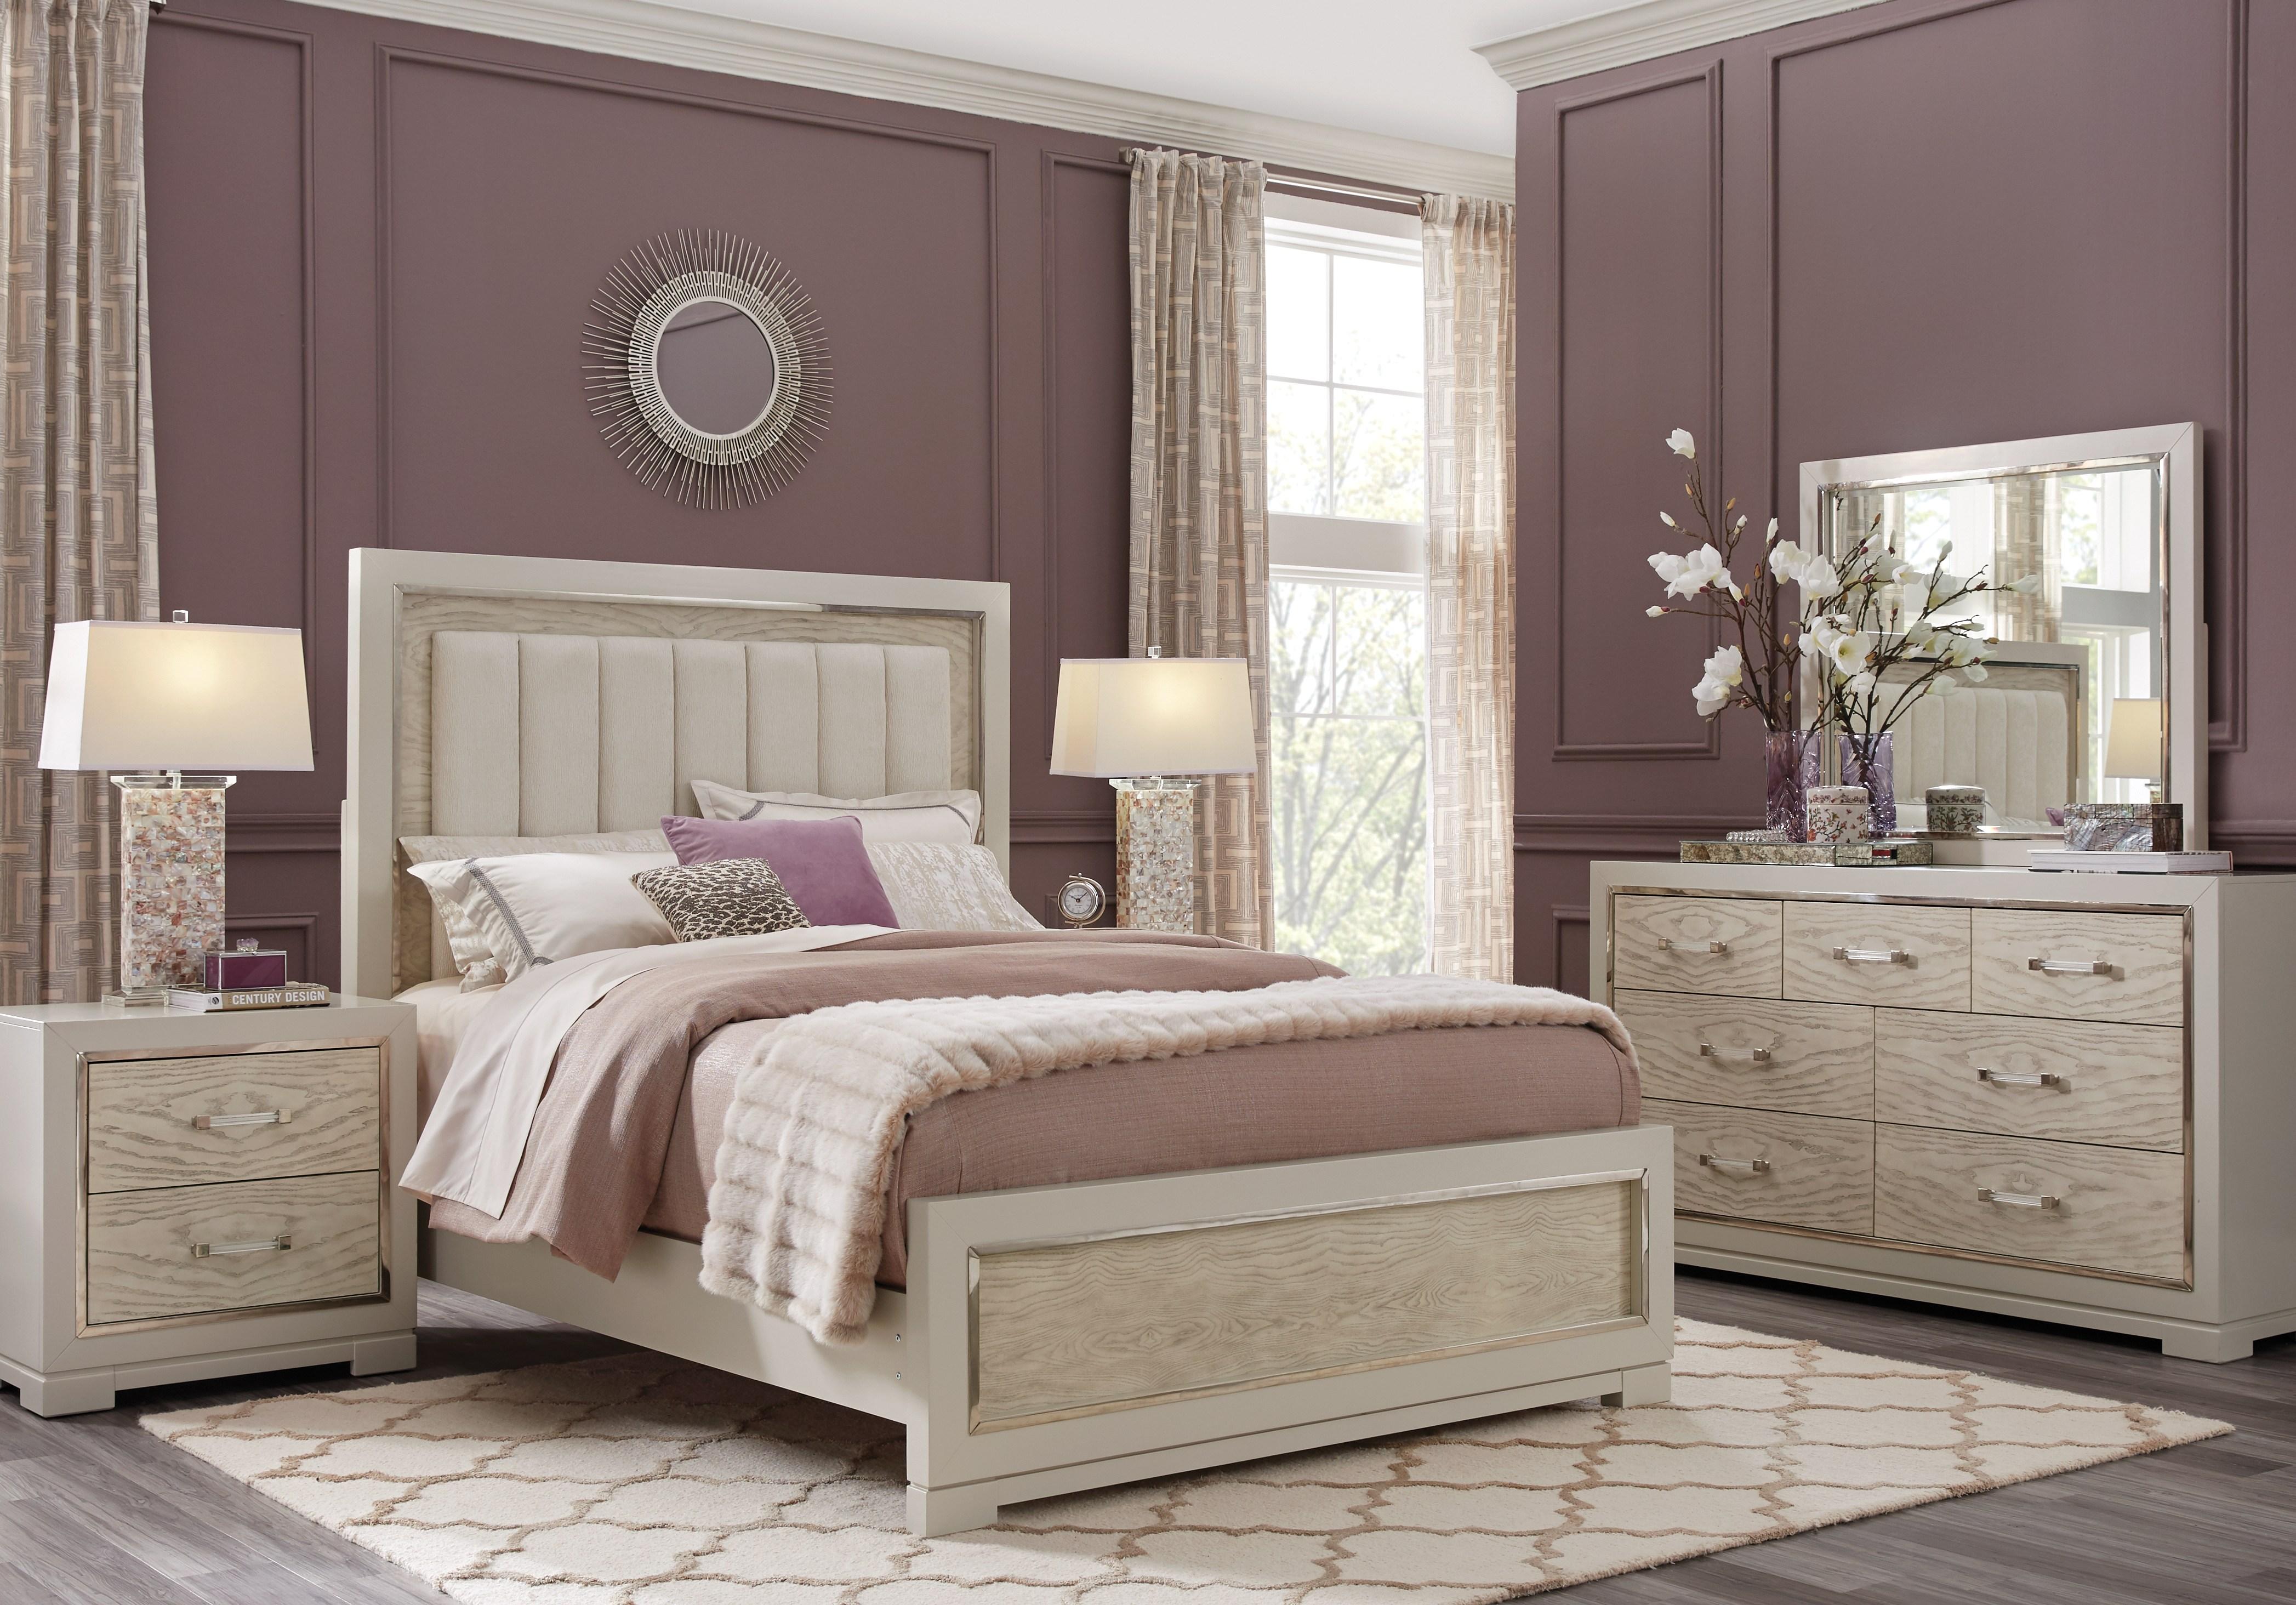 Queen Bedroom Sets1 - 48 of 154 Results